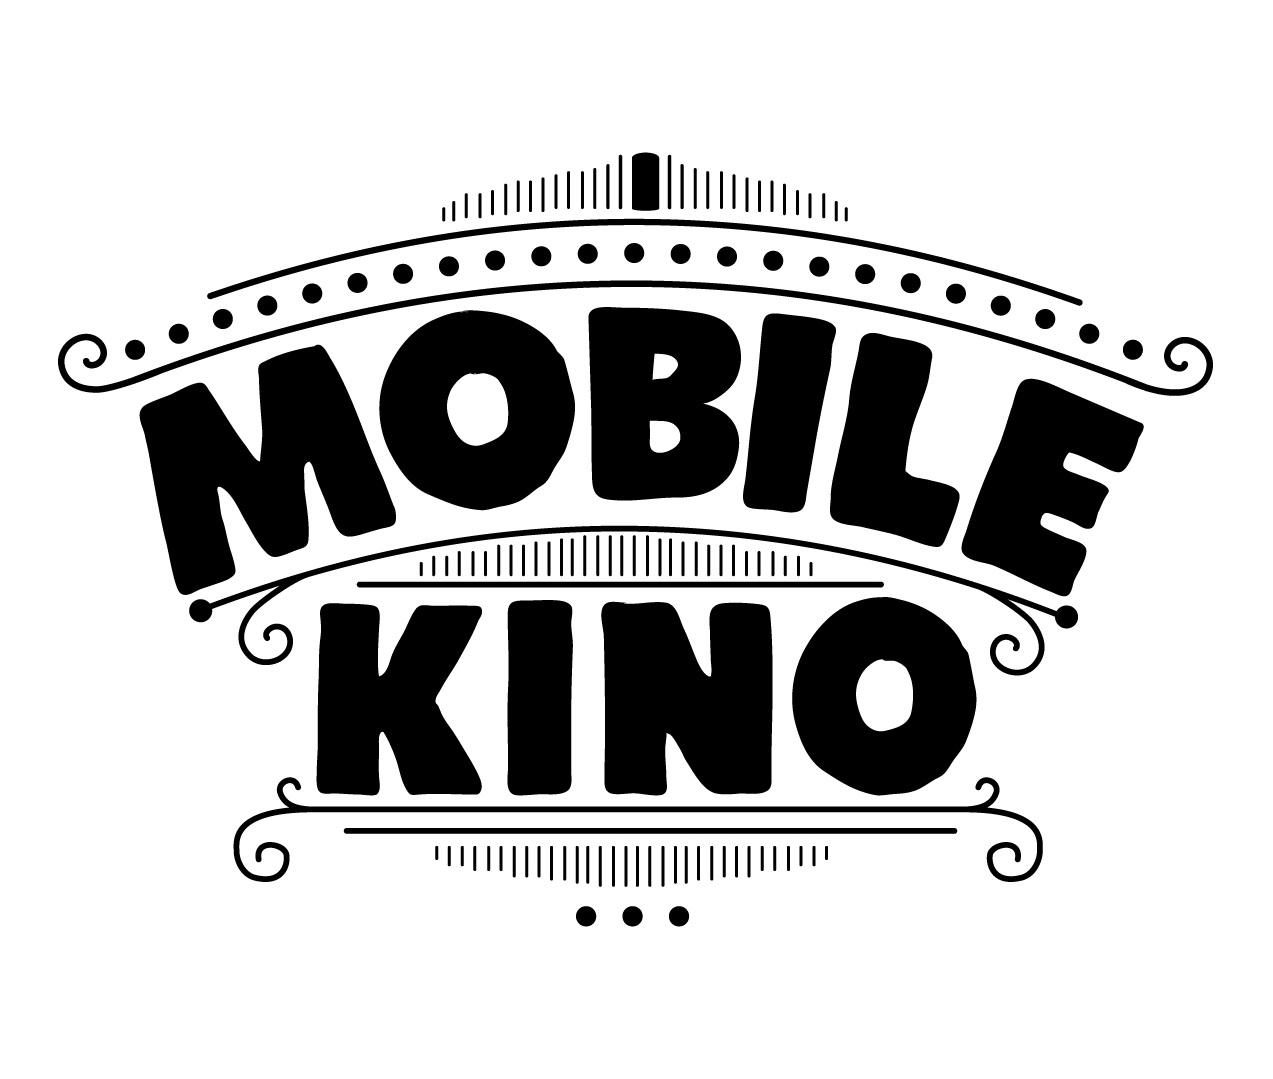 mobilekino_16_9_logo(1)